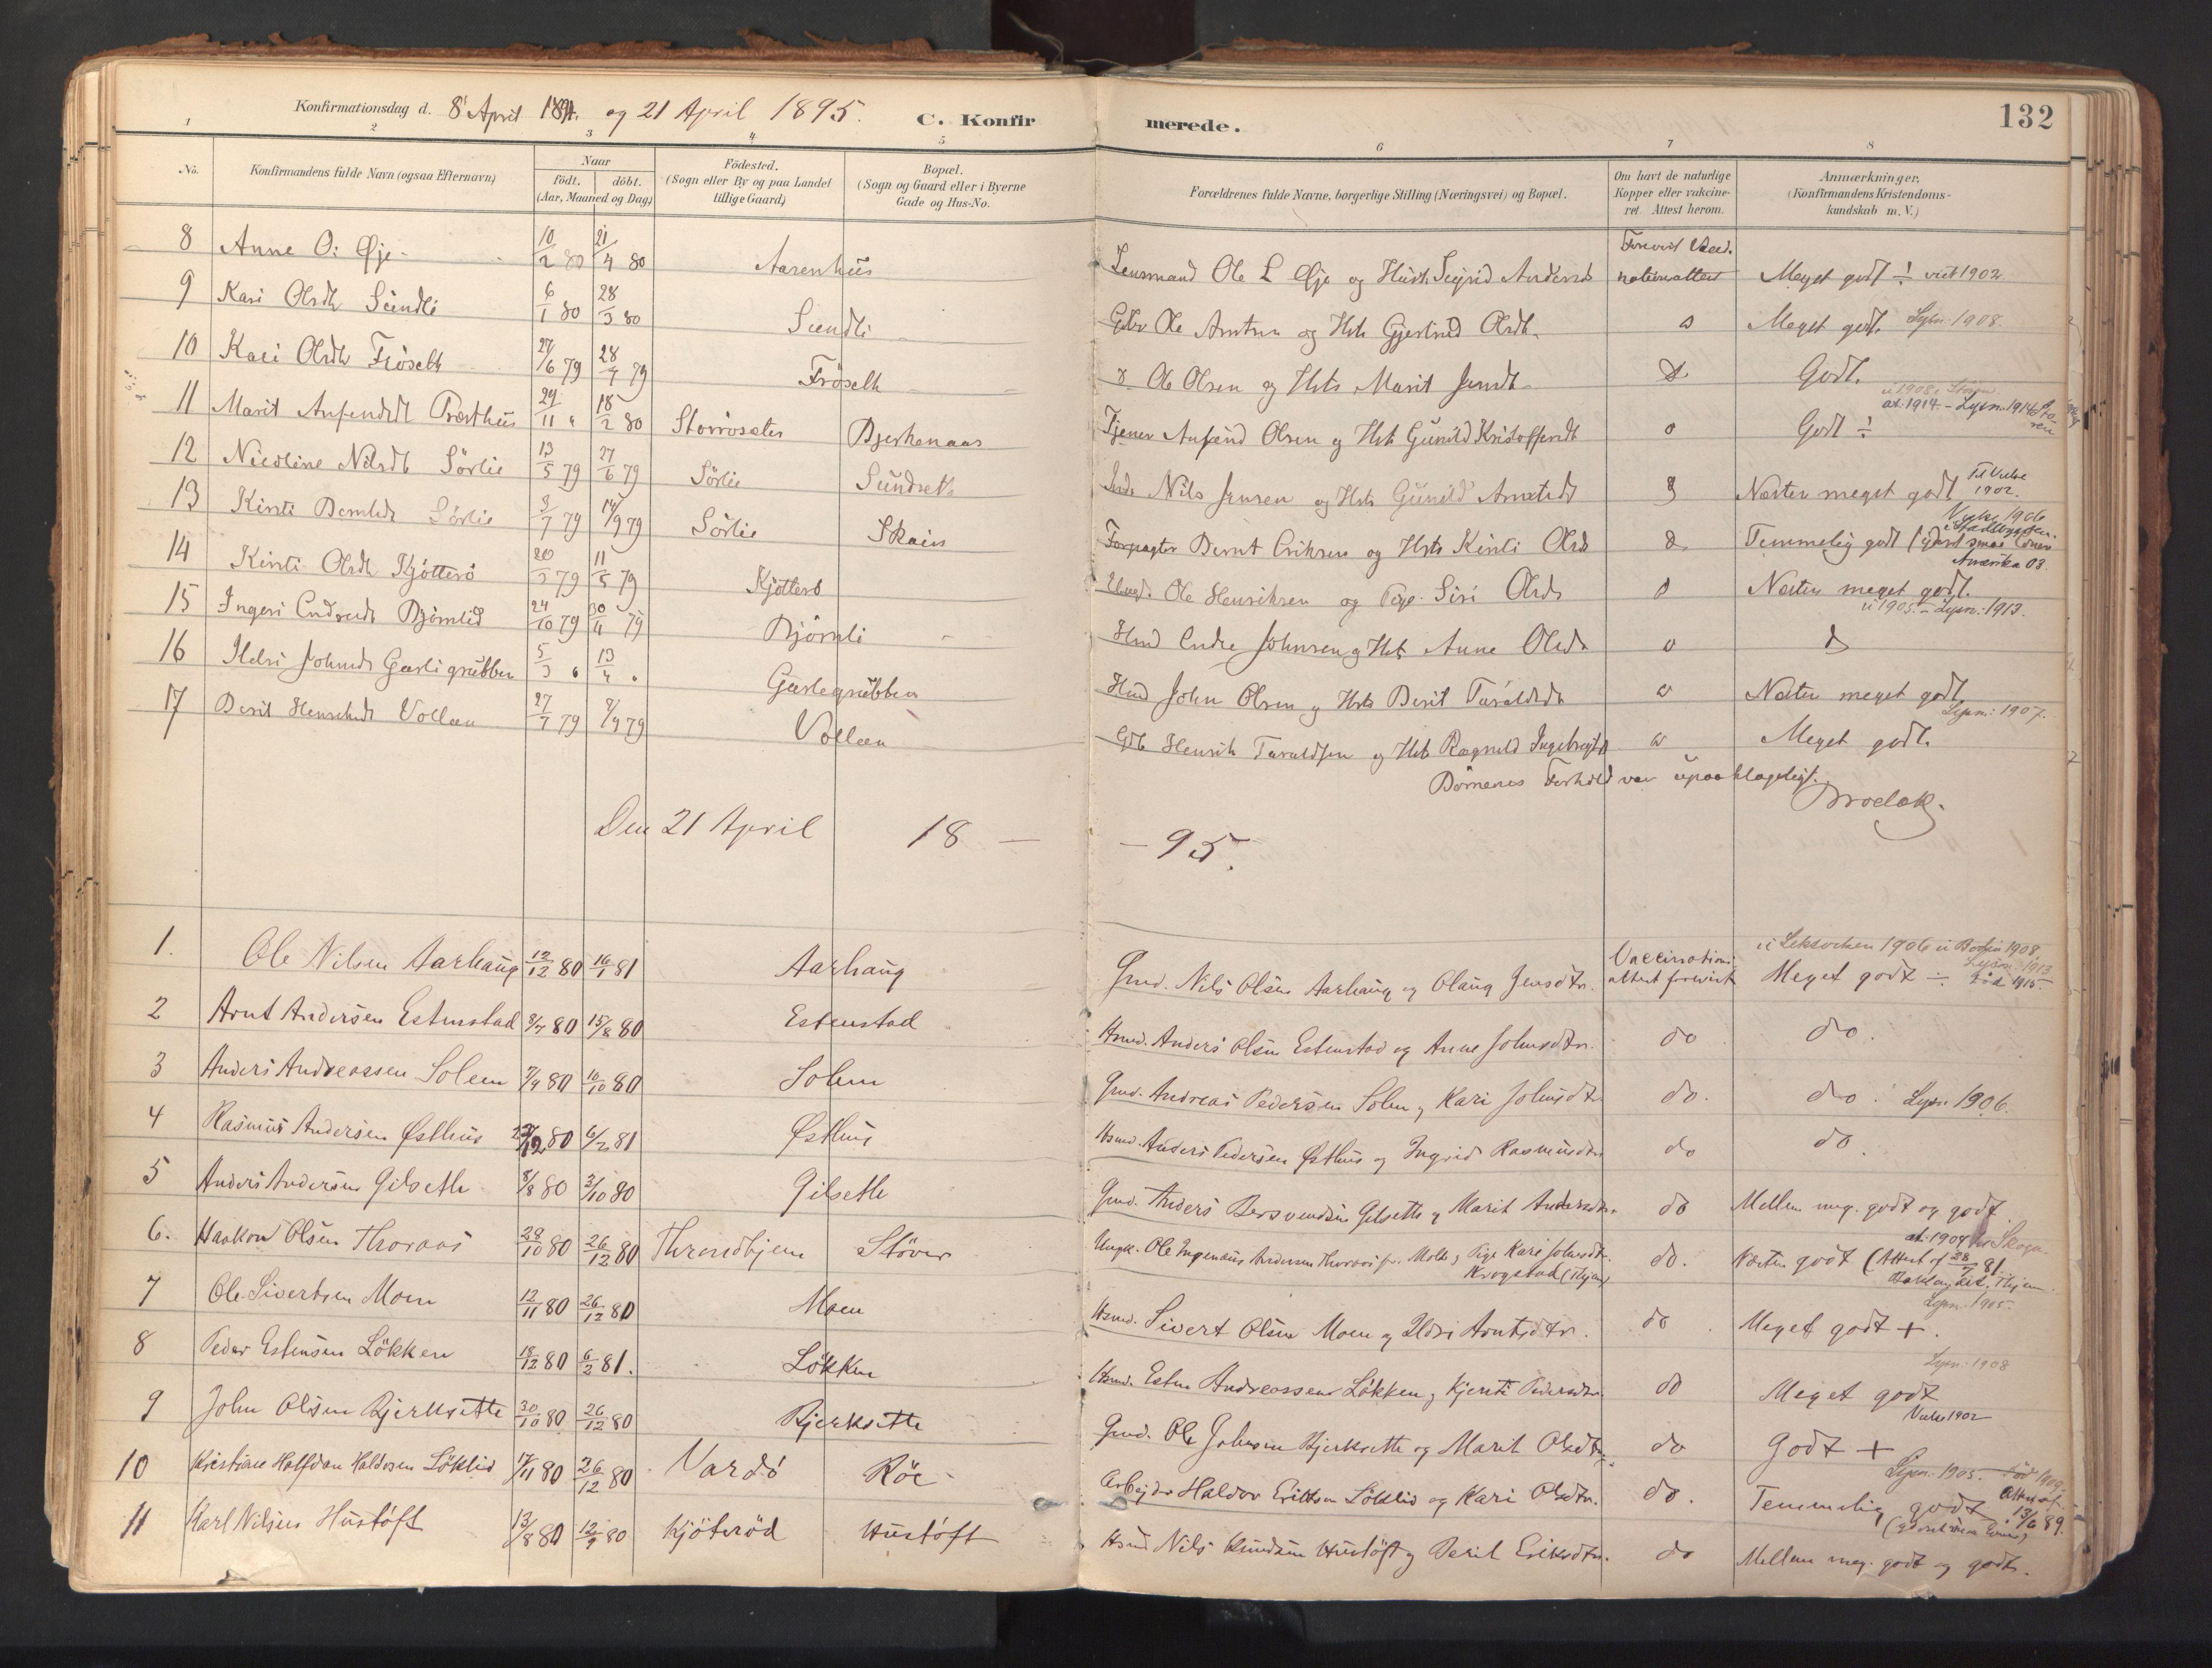 SAT, Ministerialprotokoller, klokkerbøker og fødselsregistre - Sør-Trøndelag, 689/L1041: Ministerialbok nr. 689A06, 1891-1923, s. 132